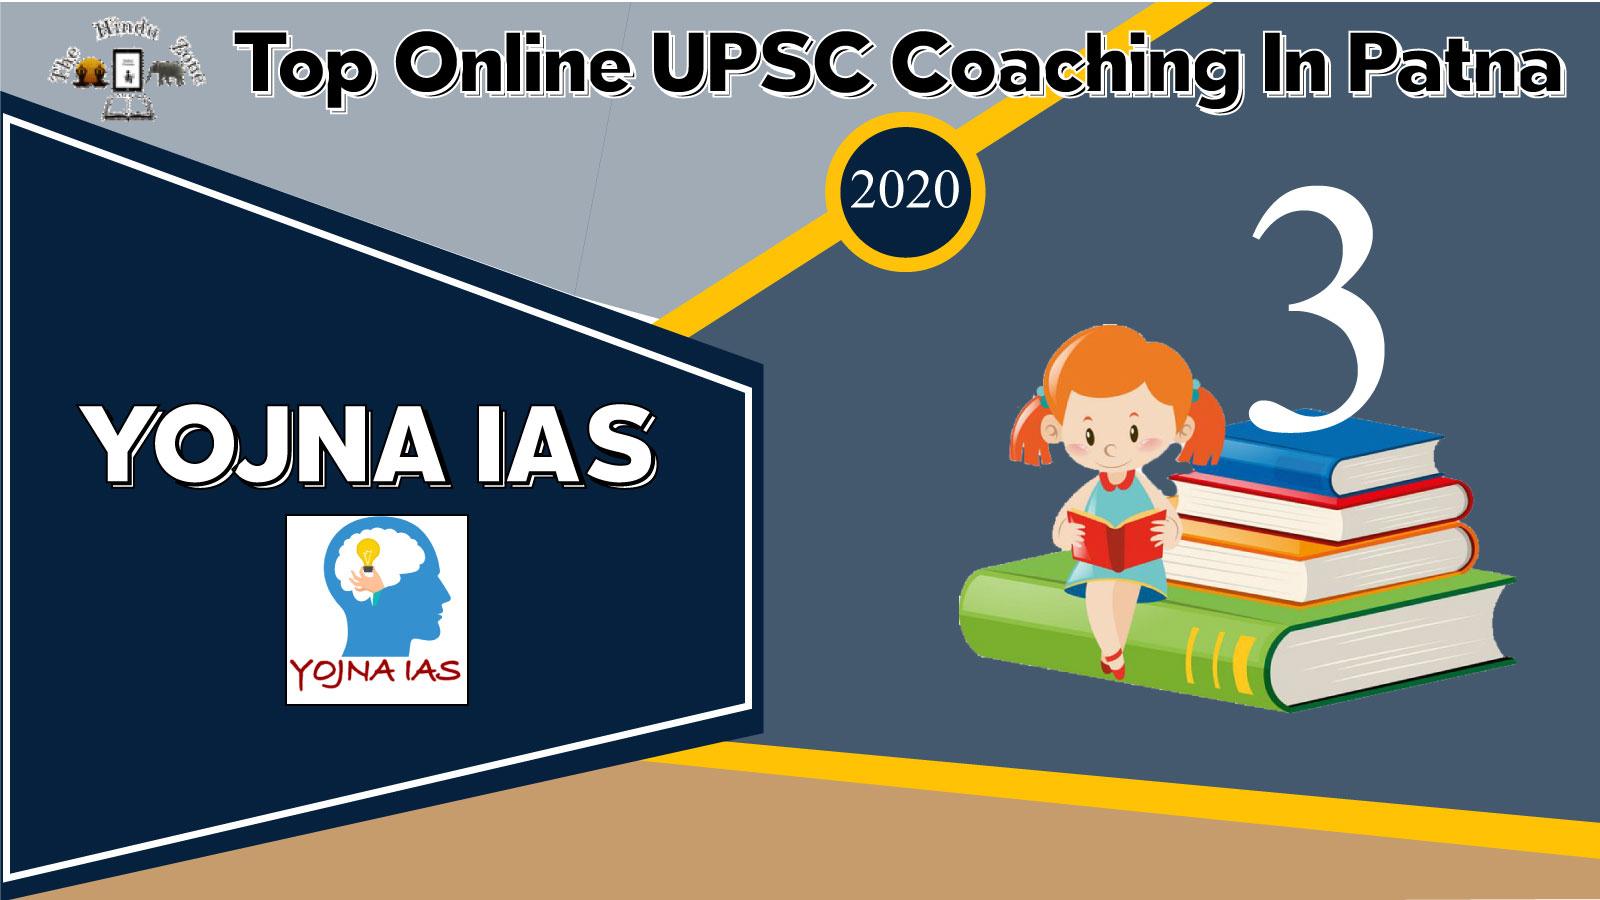 Yojna IAS Online Coaching In Patna